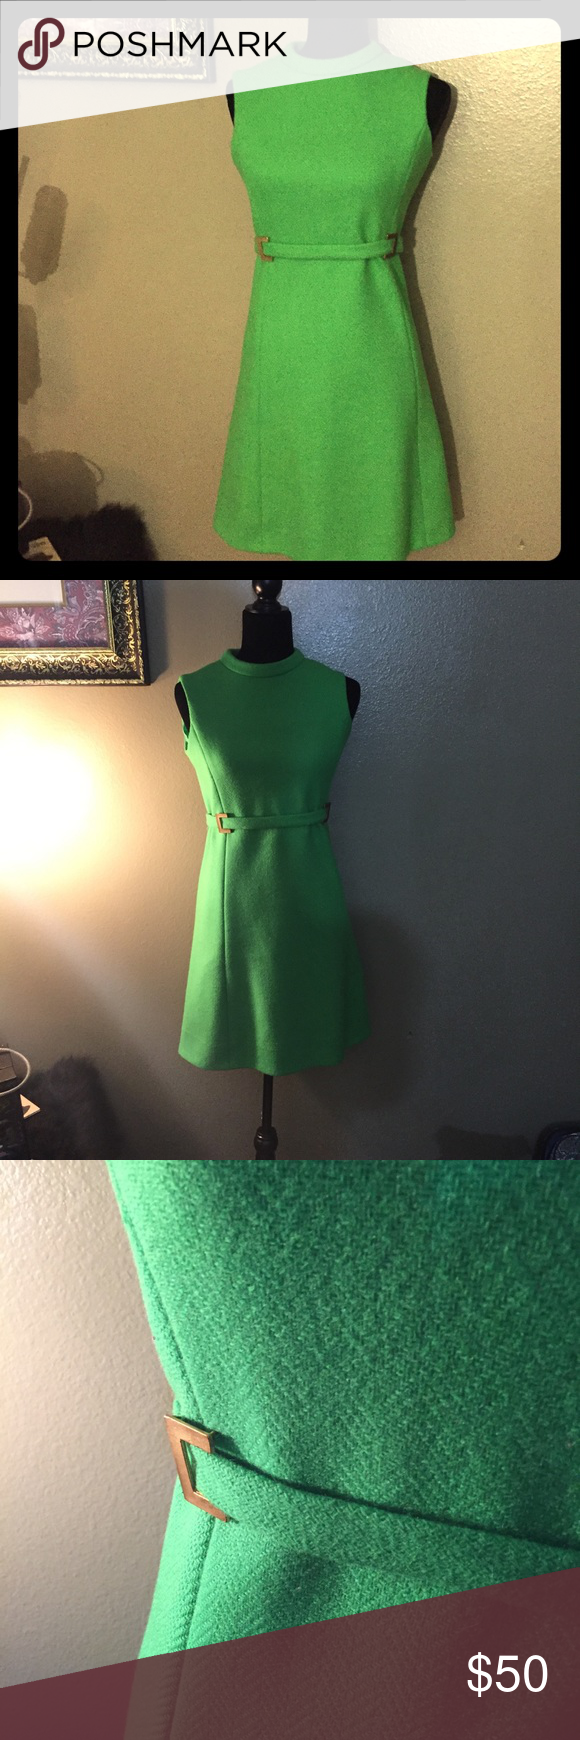 60s green dress  Vintage s Green Mod Jane Justin Mini Dress Sz S  Pinterest  Mini